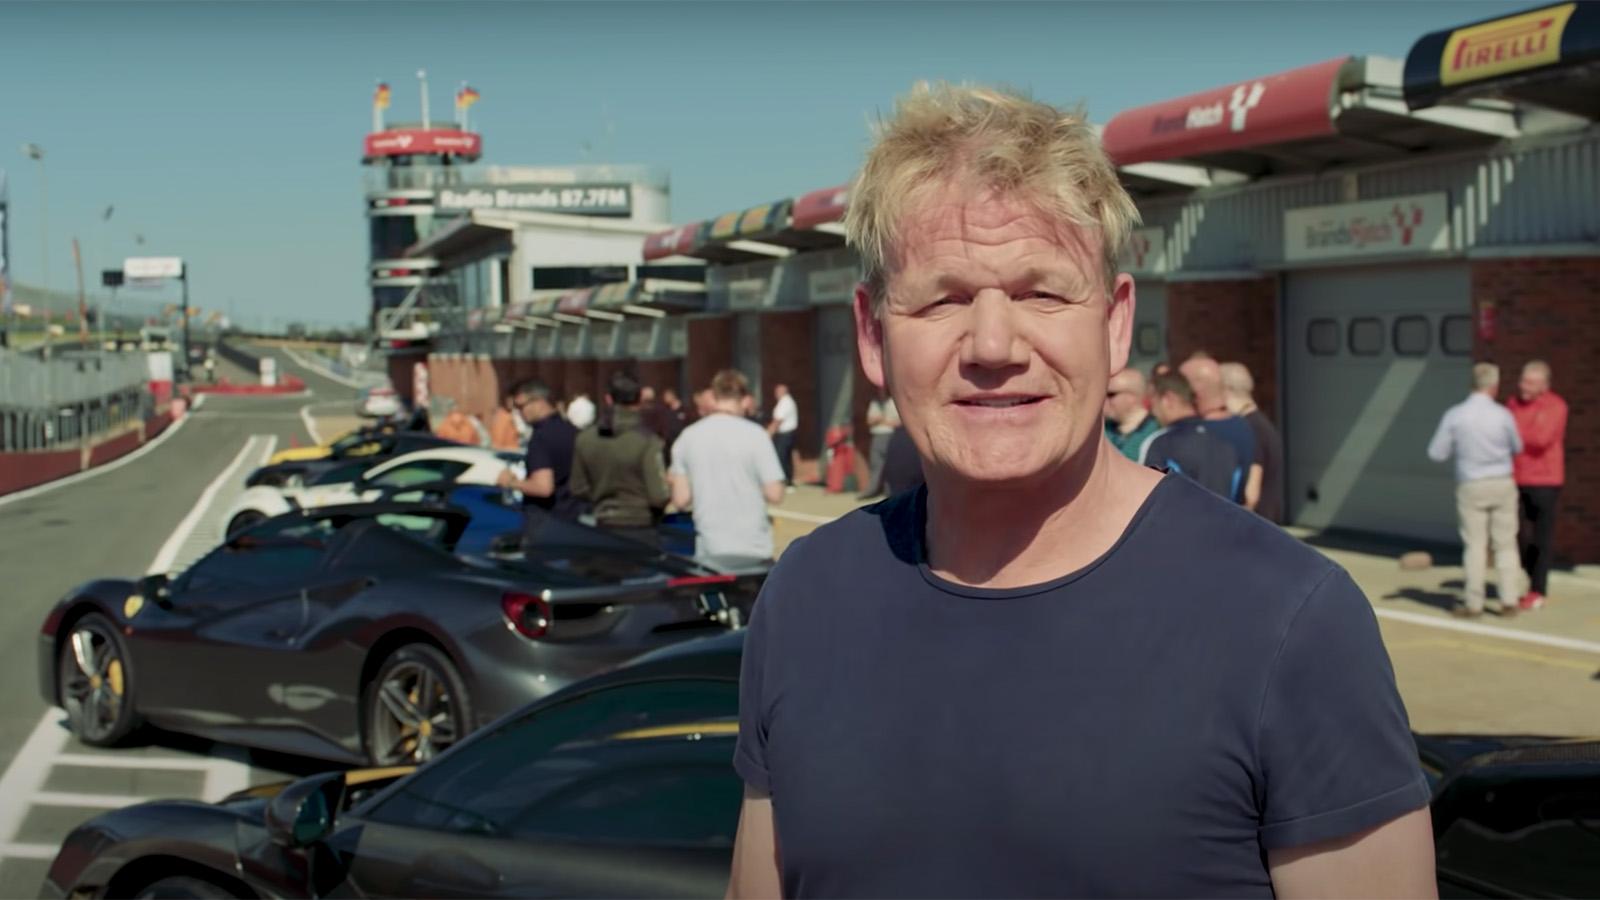 Gordon Ramsay's supercar collection